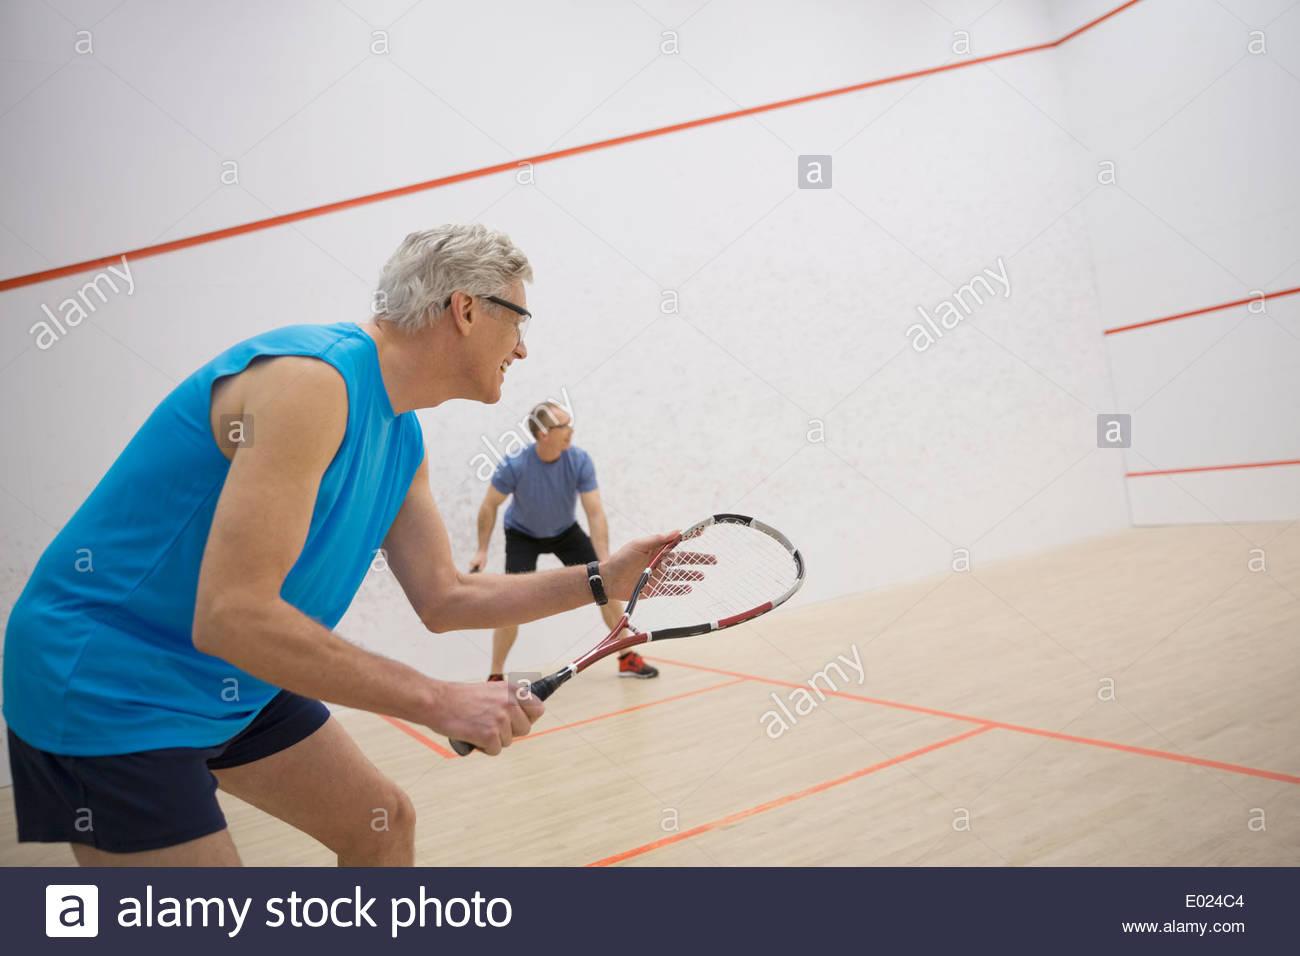 Les hommes jouer au squash sur cour Photo Stock